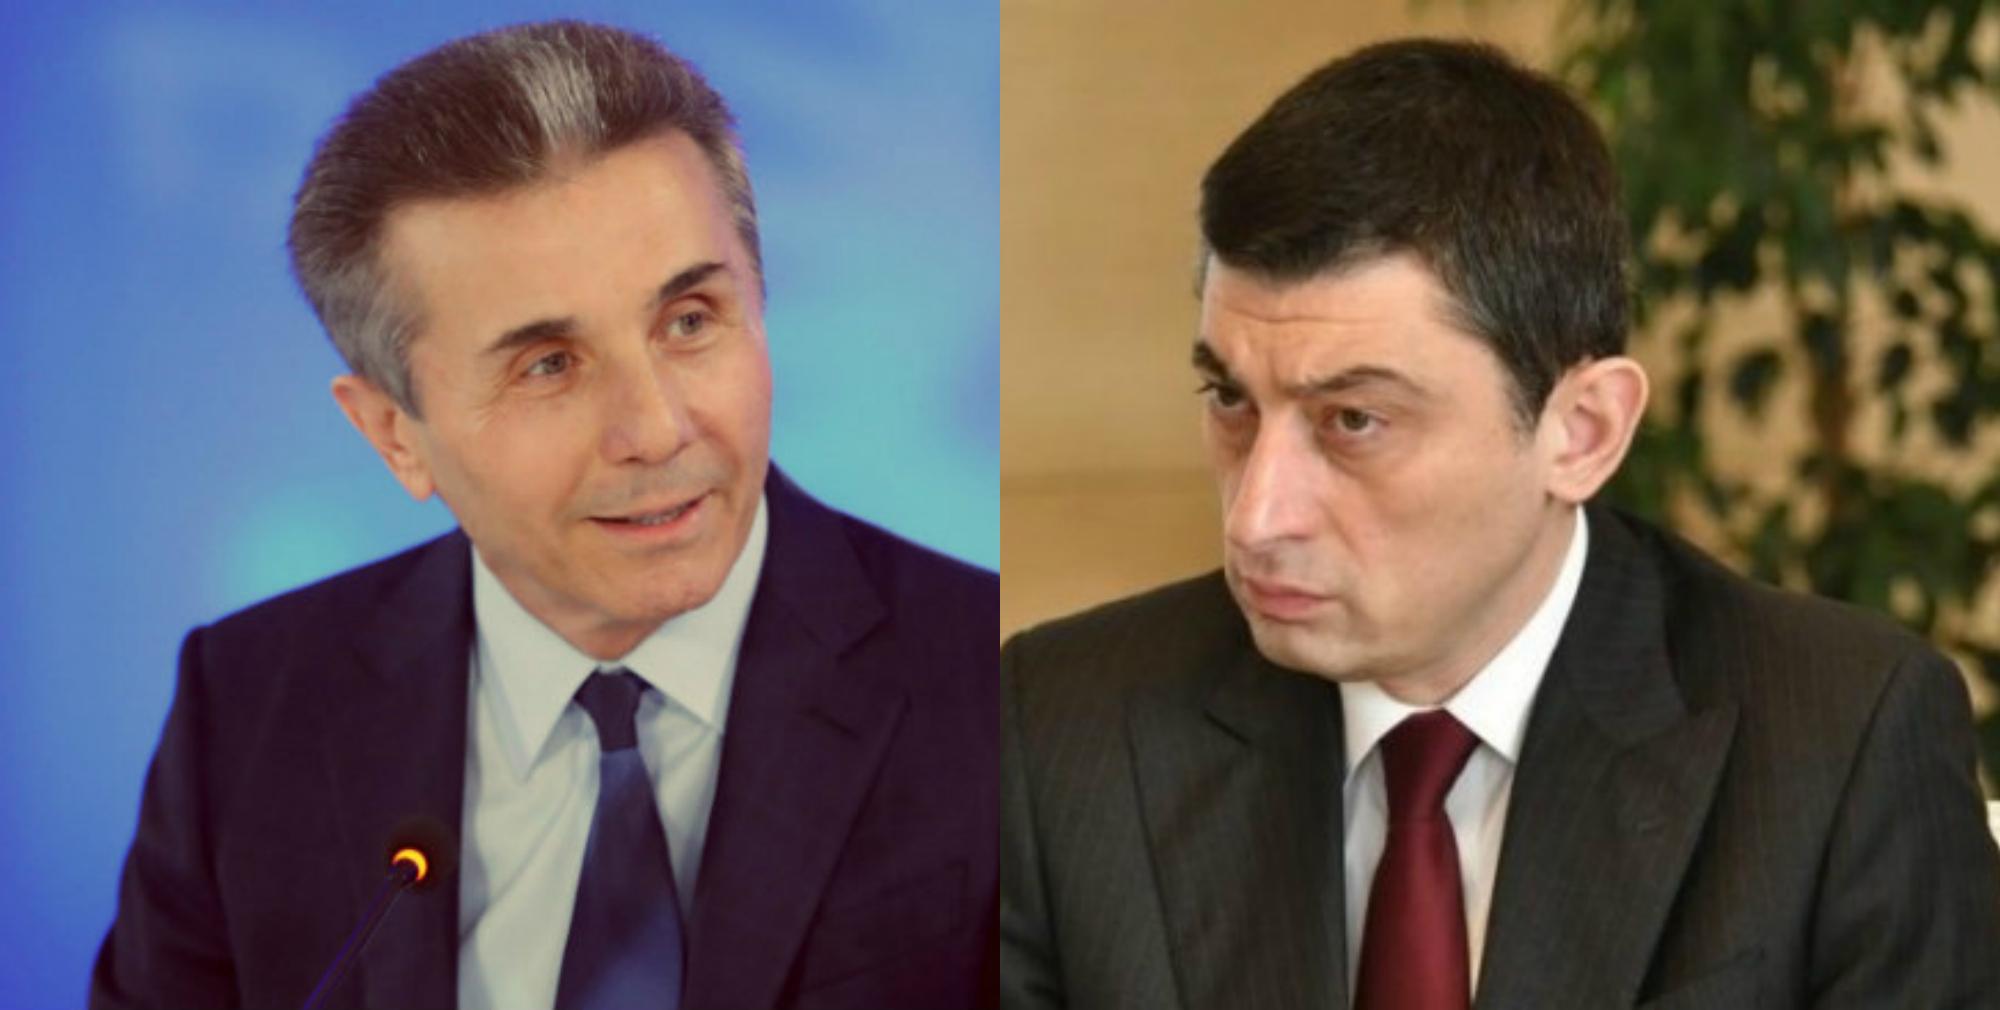 Գախարիան պաշտոնապես առաջադրվել է Վրաստանի վարչապետի պաշտոնում